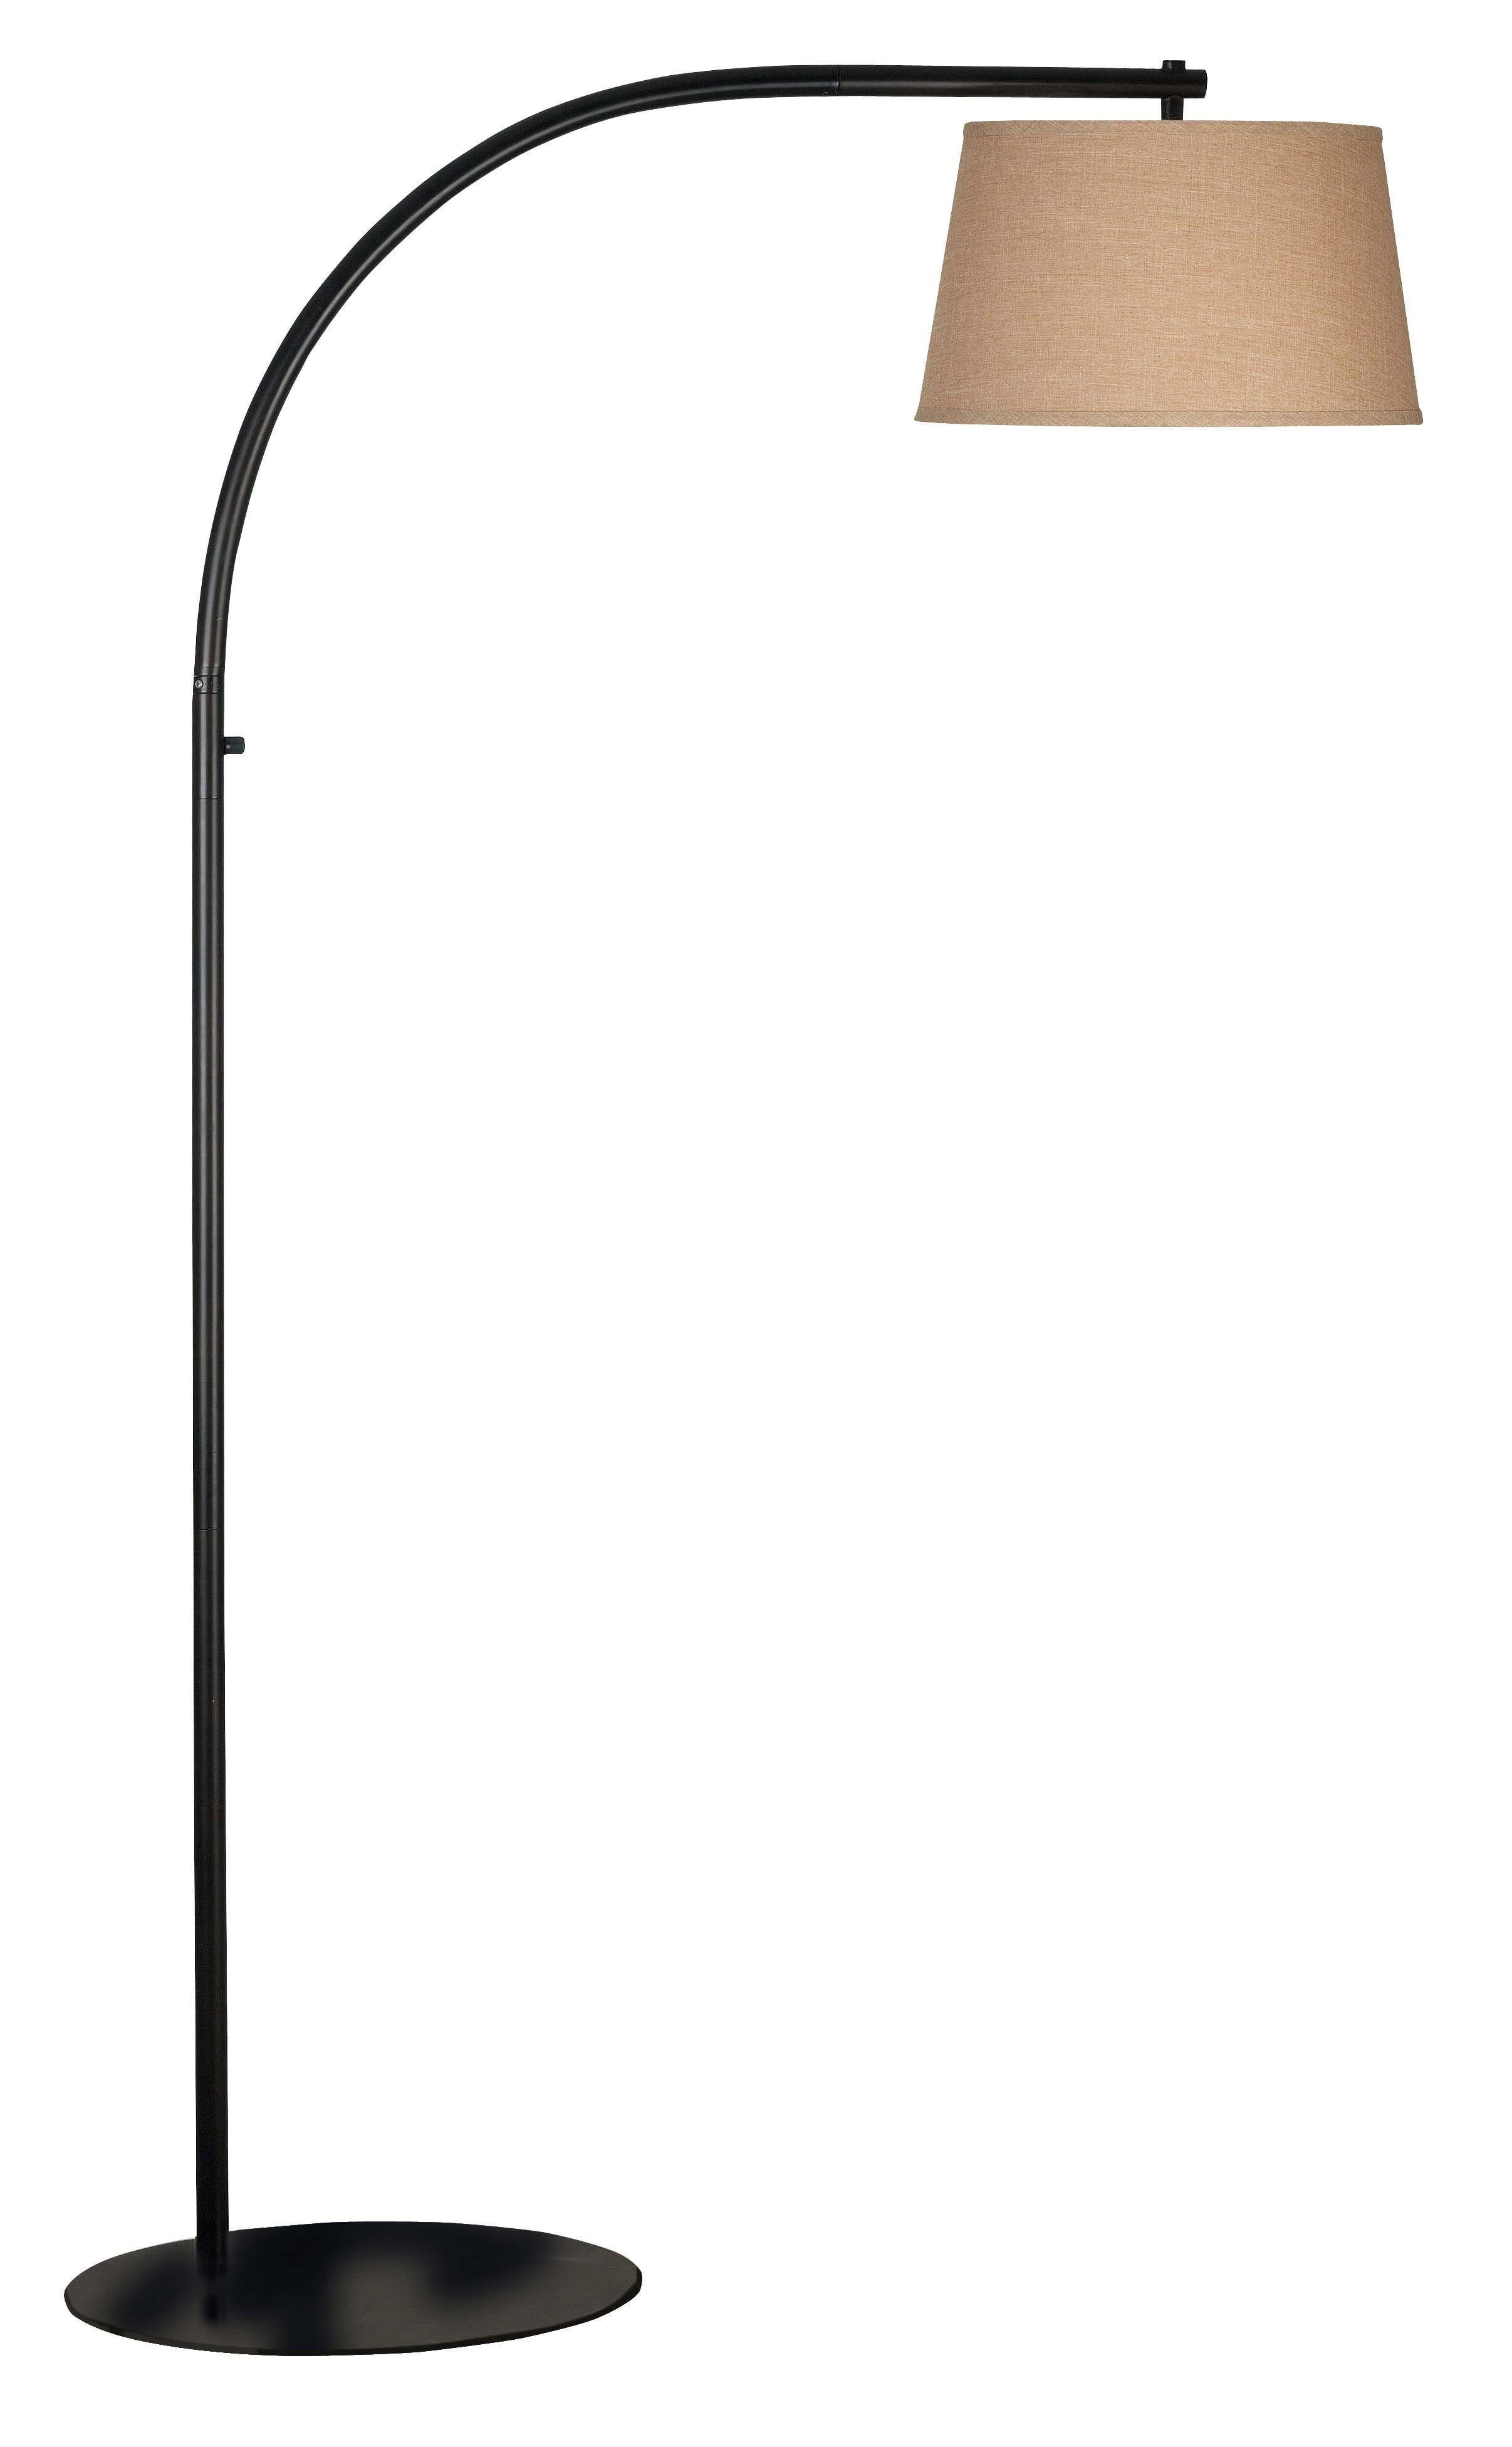 Sweep Floor Lamp from Kenroy (20953ORB)